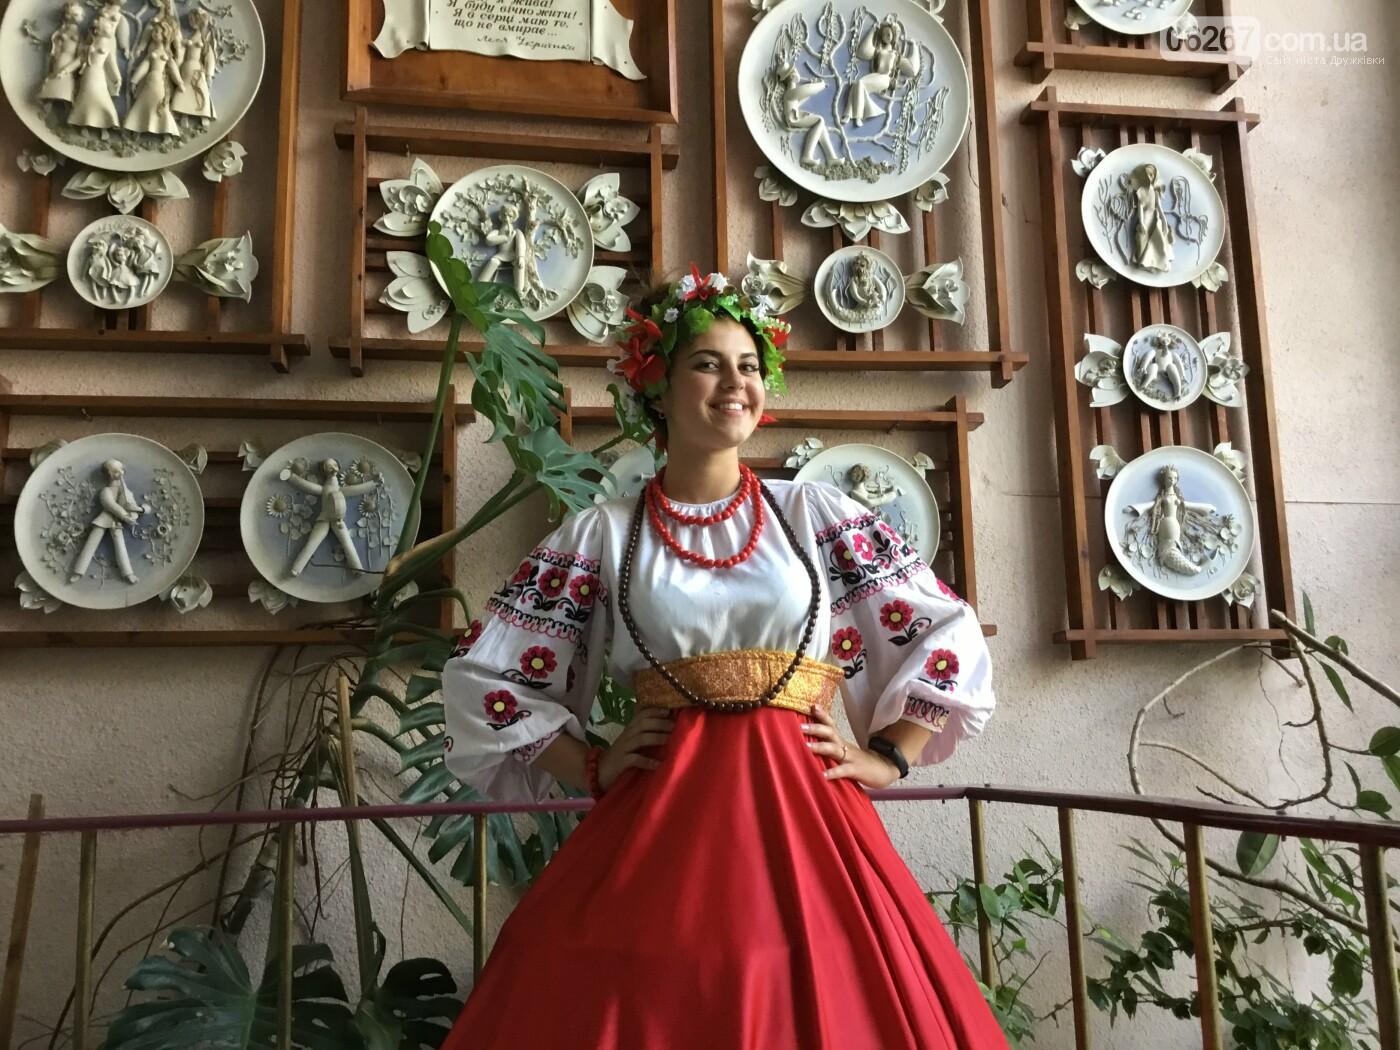 В Дружковском историко-художественном музее открылась выставка уникальных фарфоровых изделий (ФОТО) , фото-11